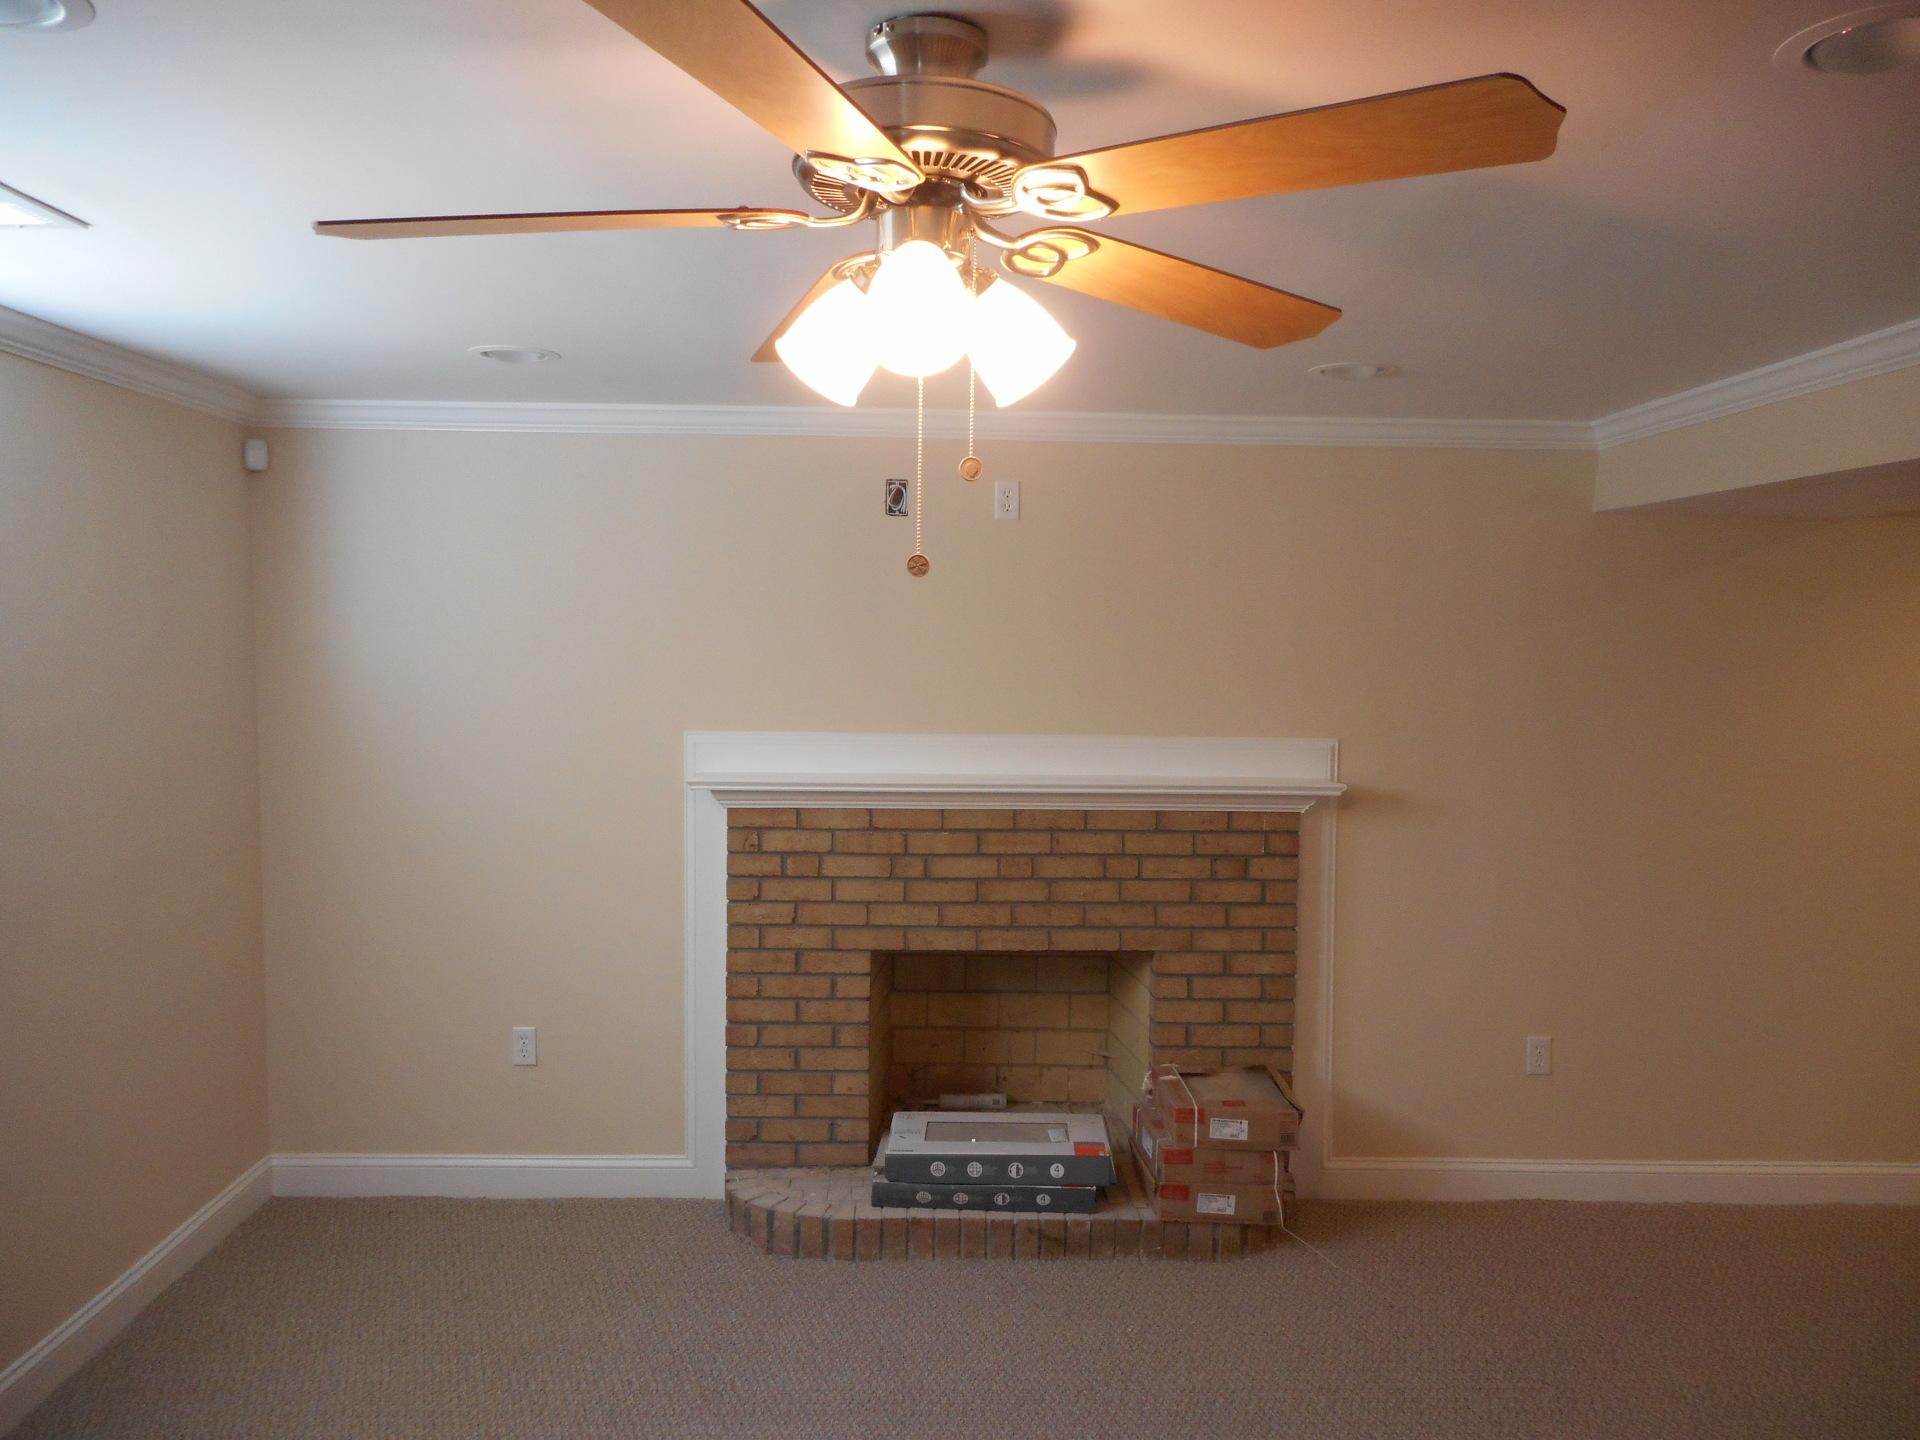 Basement Drywall Work